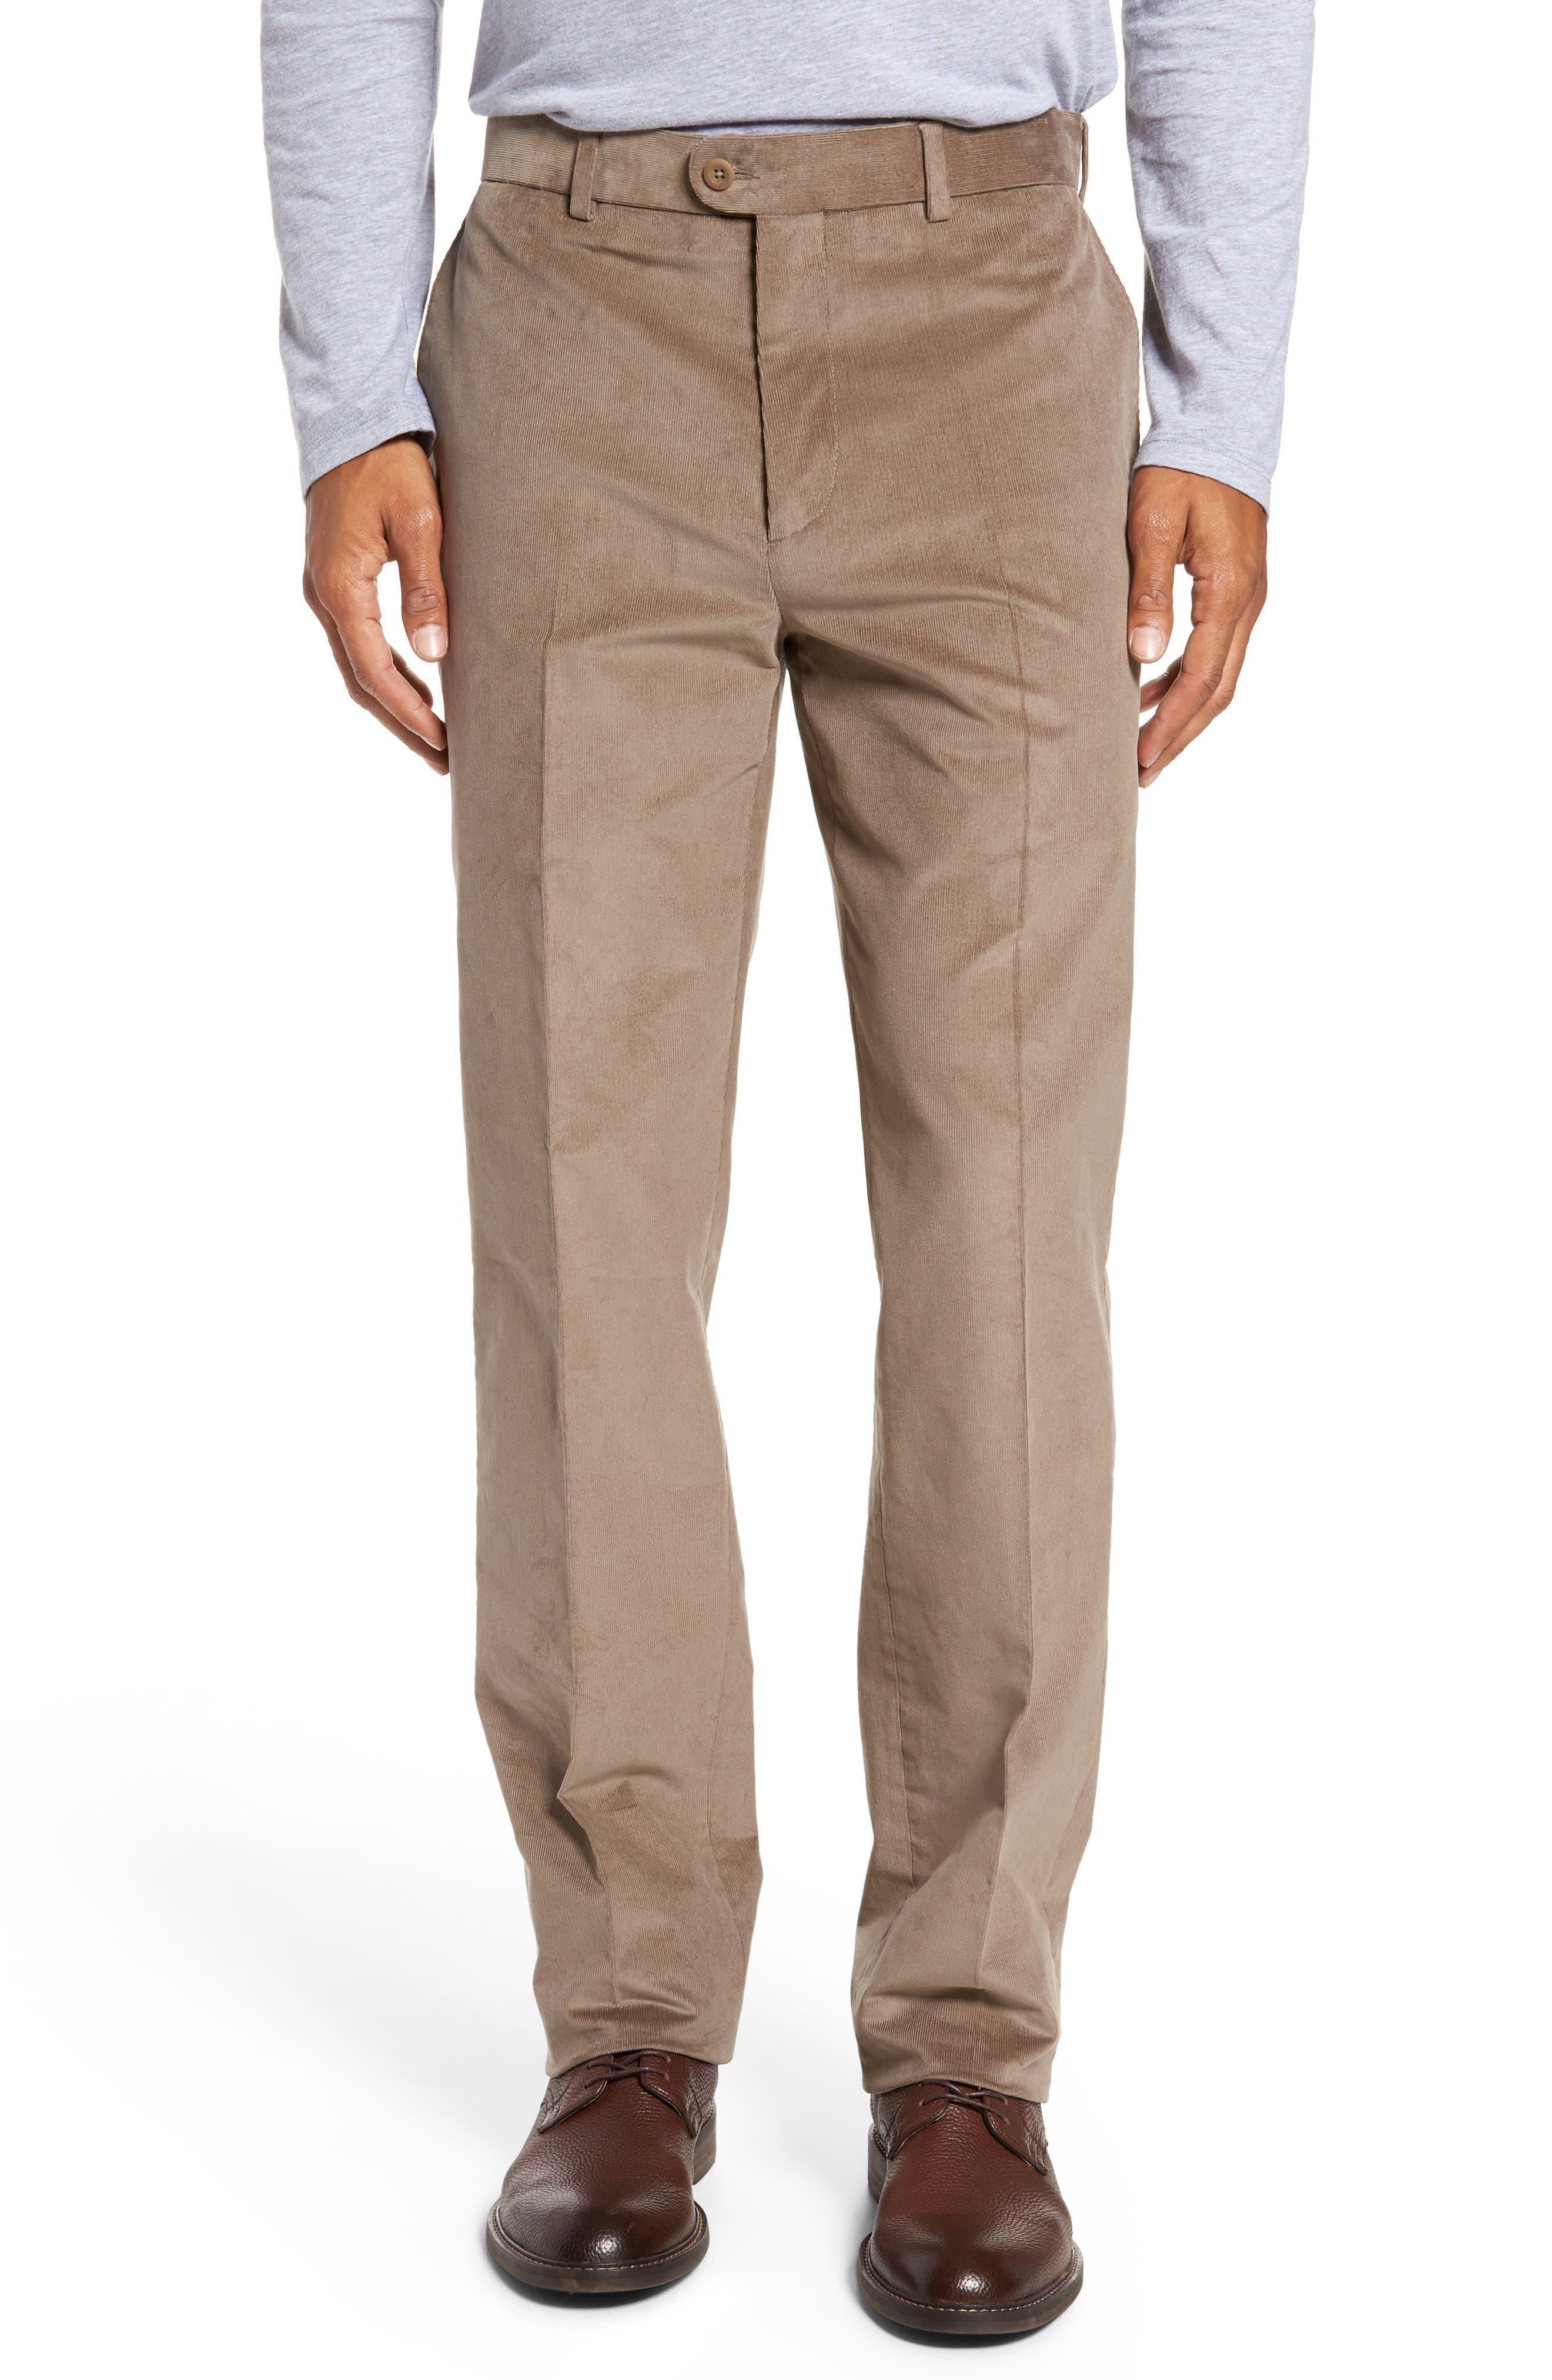 Bensol Corduroy Pants